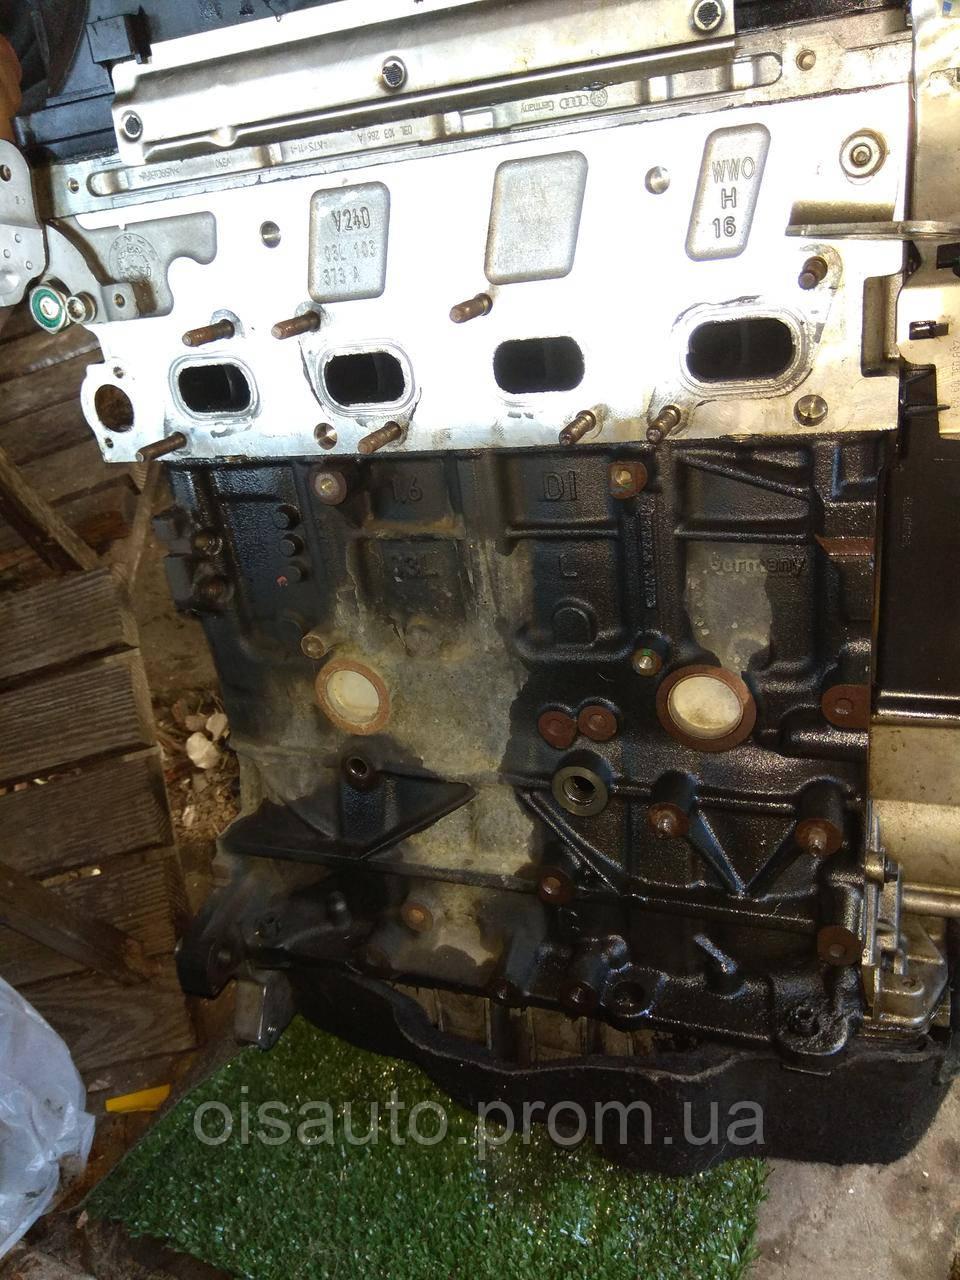 Двигатель / мотор  1.6TDI vw CAYC 77 кВт VW Golf VI 2009-2014